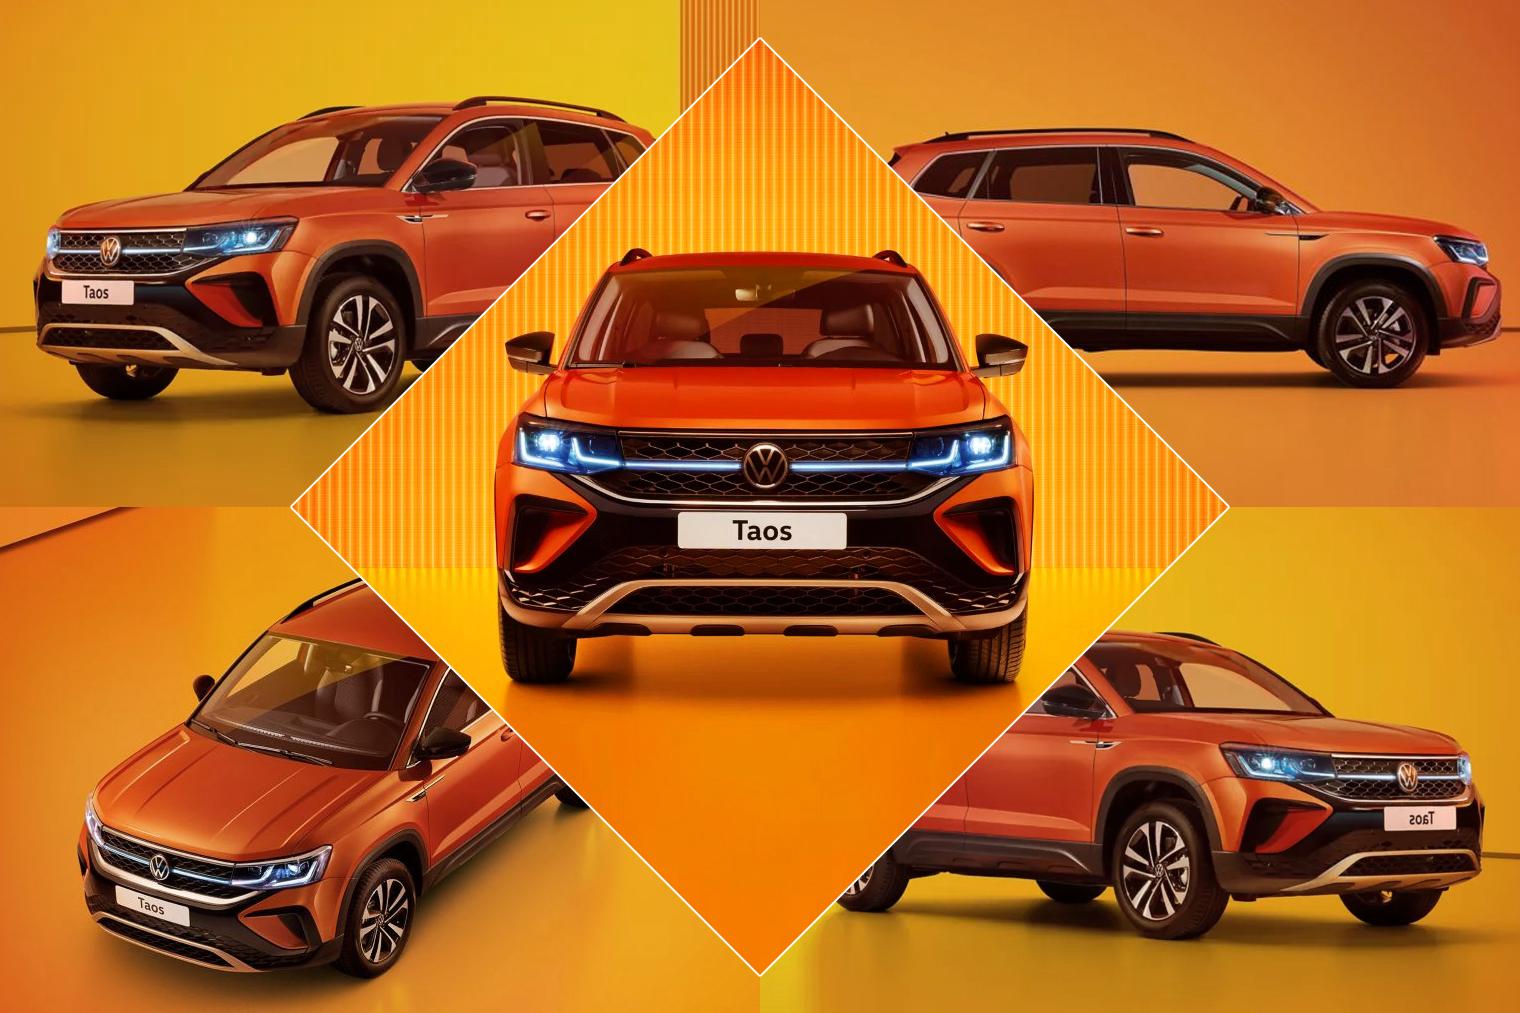 Кто ты, новый VW Taos? Конкурент Креты или брат-близнец Карока